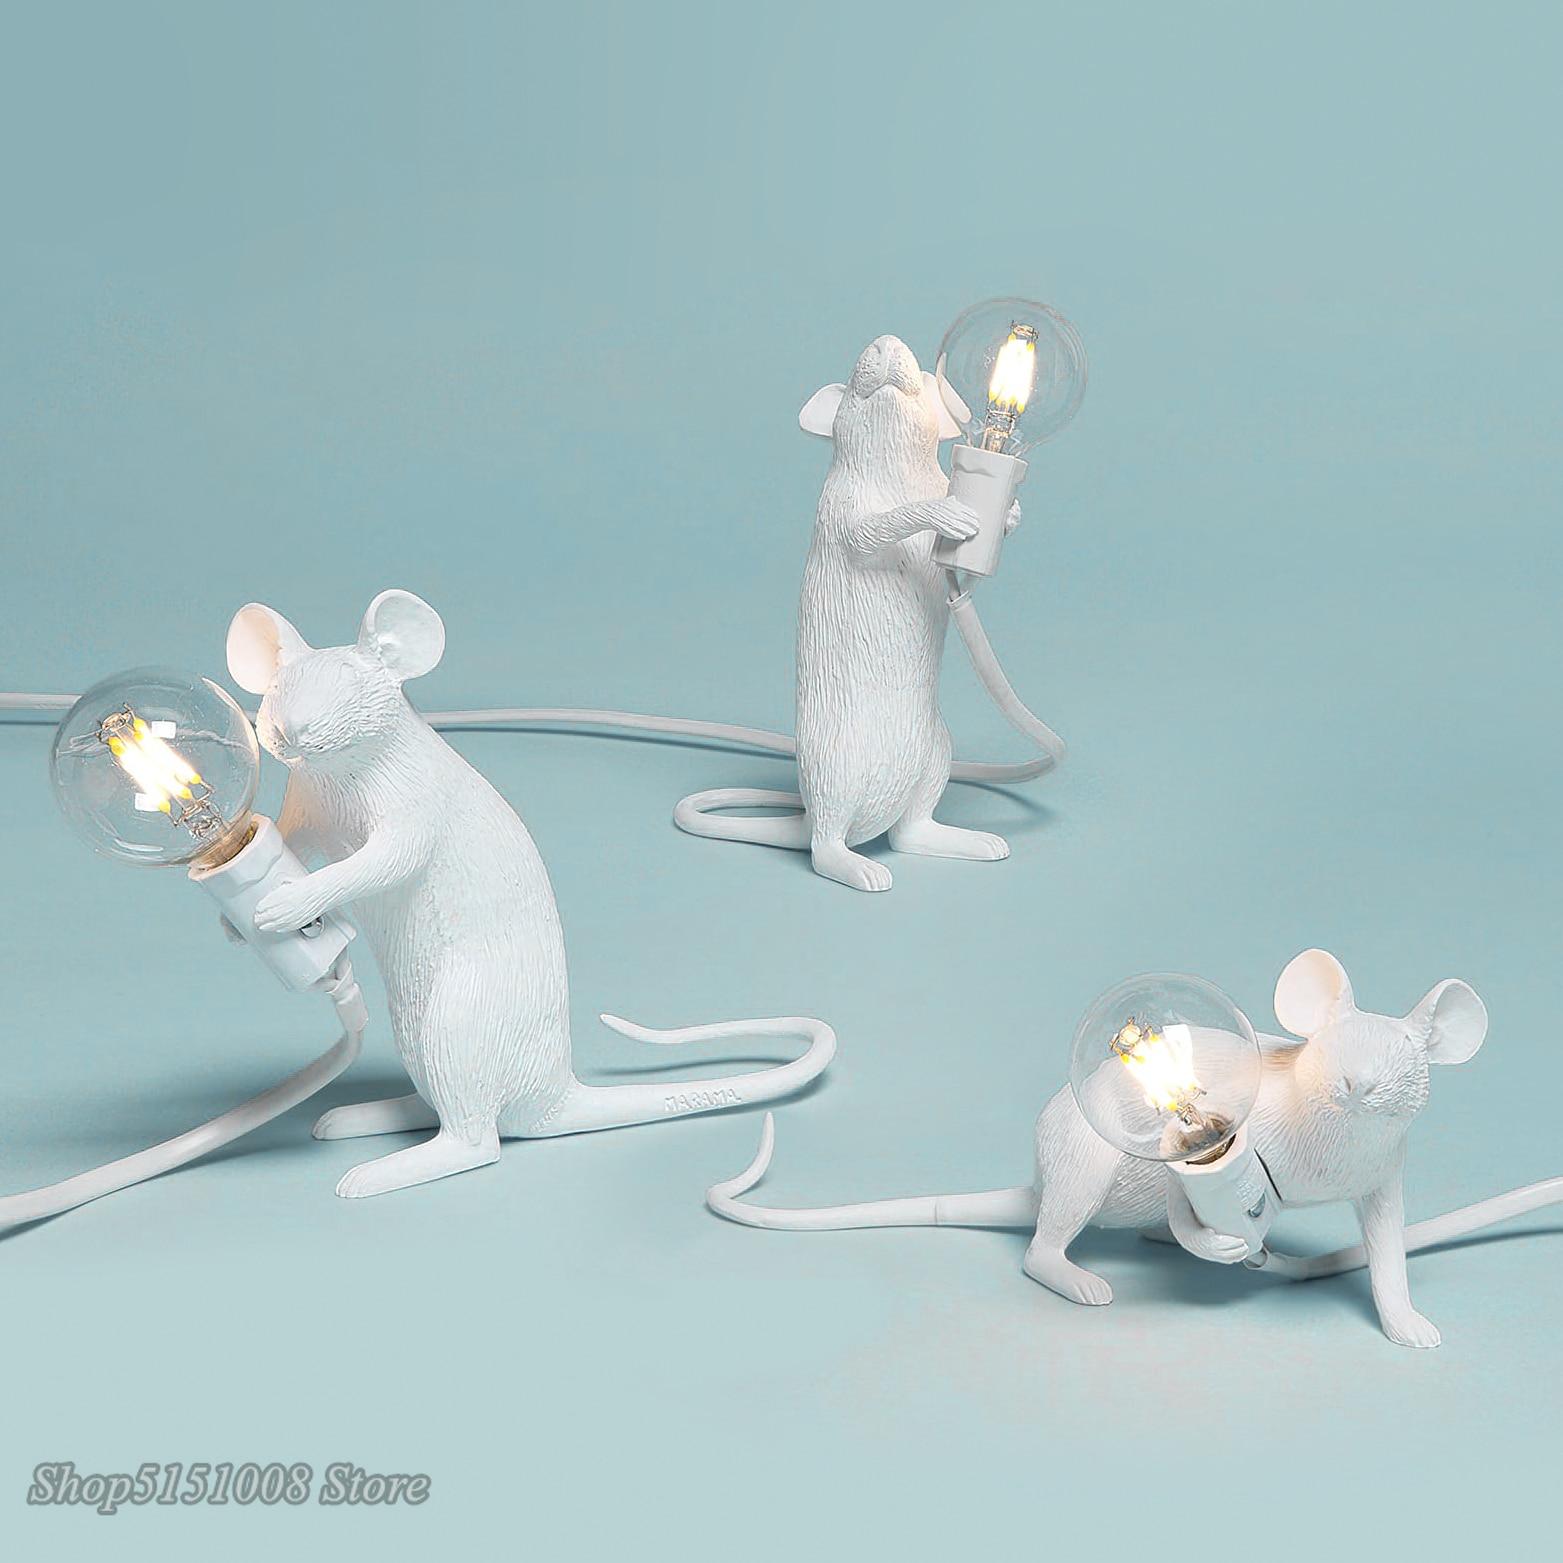 Lámpara de mesa para ratón de Animal rata de resina posmoderna, Mini ratón pequeño, lindas luces LED de noche para decoración del hogar, luces de escritorio, lámpara de noche